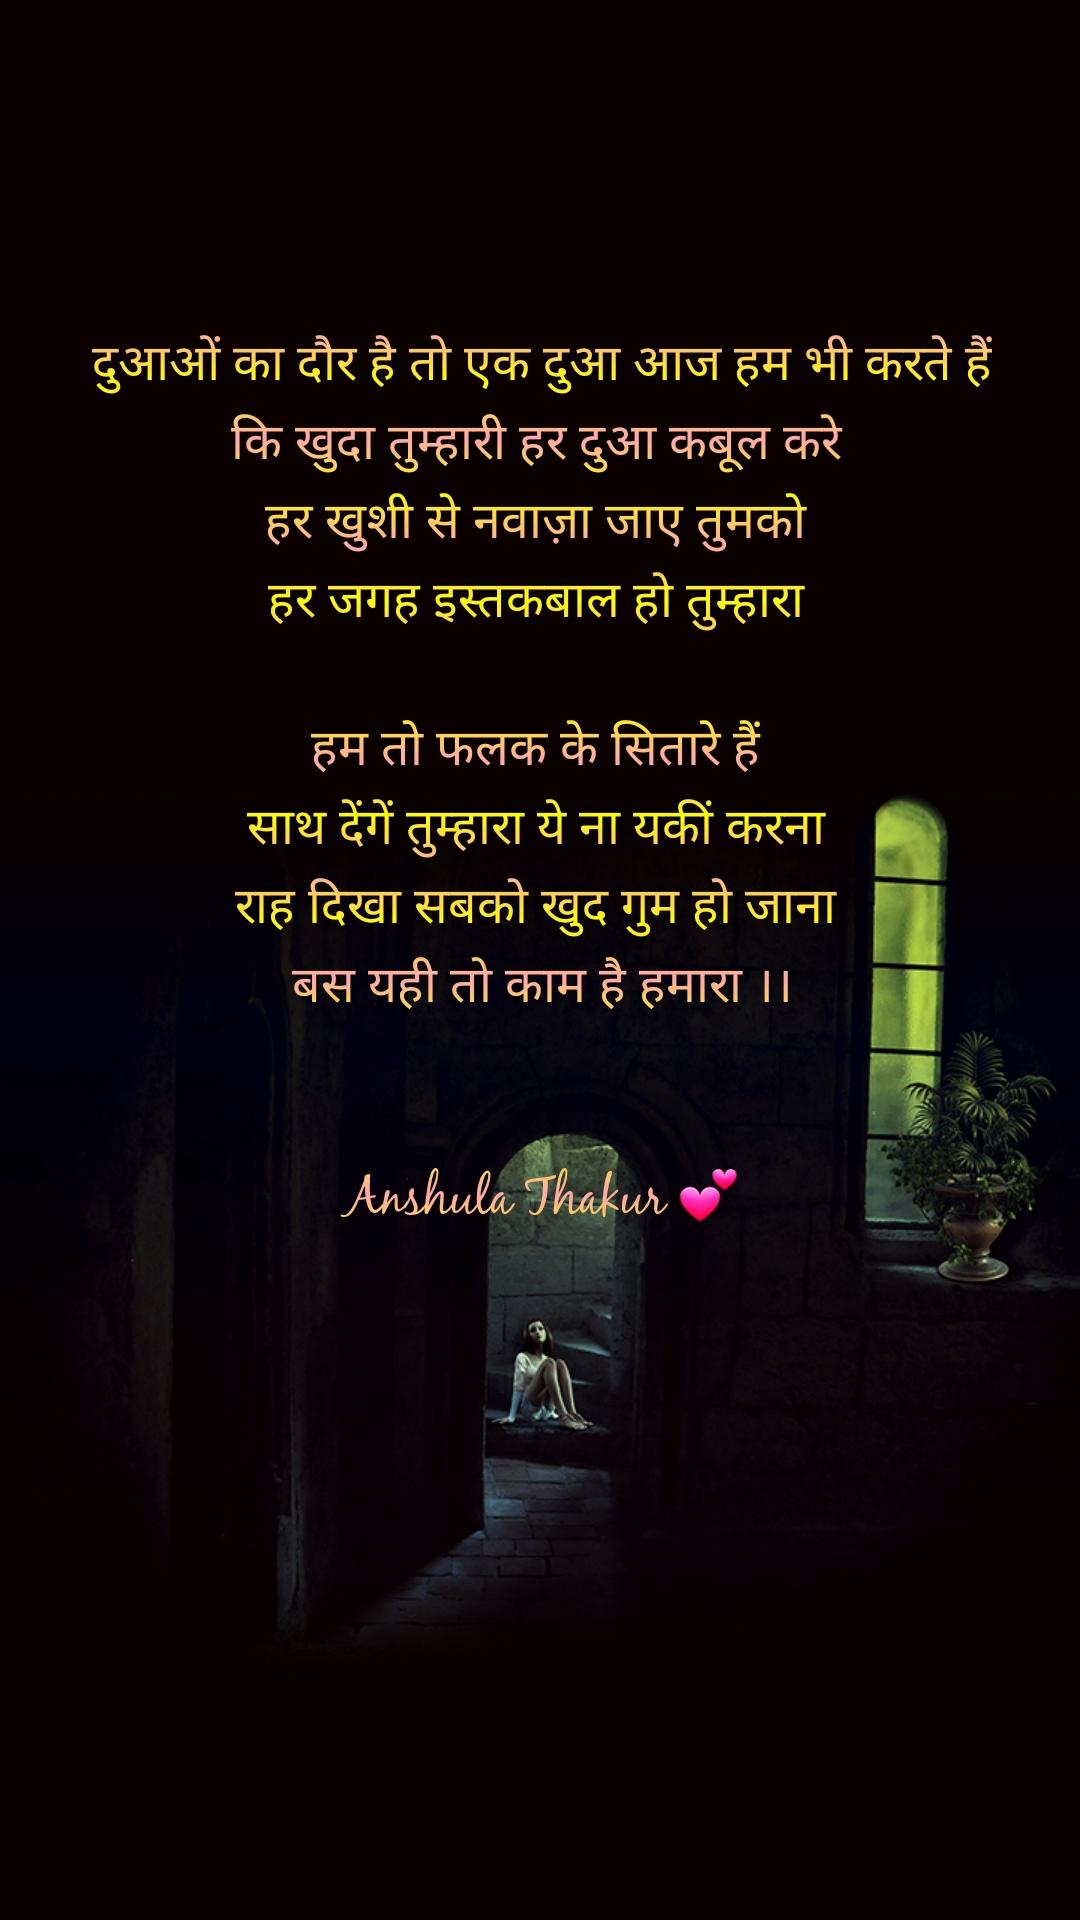 दुआओं का दौर है तो एक दुआ आज हम भी करते हैं कि खुदा तुम्हारी हर दुआ कबूल करे  हर खुशी से नवाज़ा जाए तुमको  हर जगह इस्तकबाल हो तुम्हारा   हम तो फलक के सितारे हैं  साथ देंगें तुम्हारा ये ना यकीं करना  राह दिखा सबको खुद गुम हो जाना  बस यही तो काम है हमारा ।।   Anshula Thakur 💕